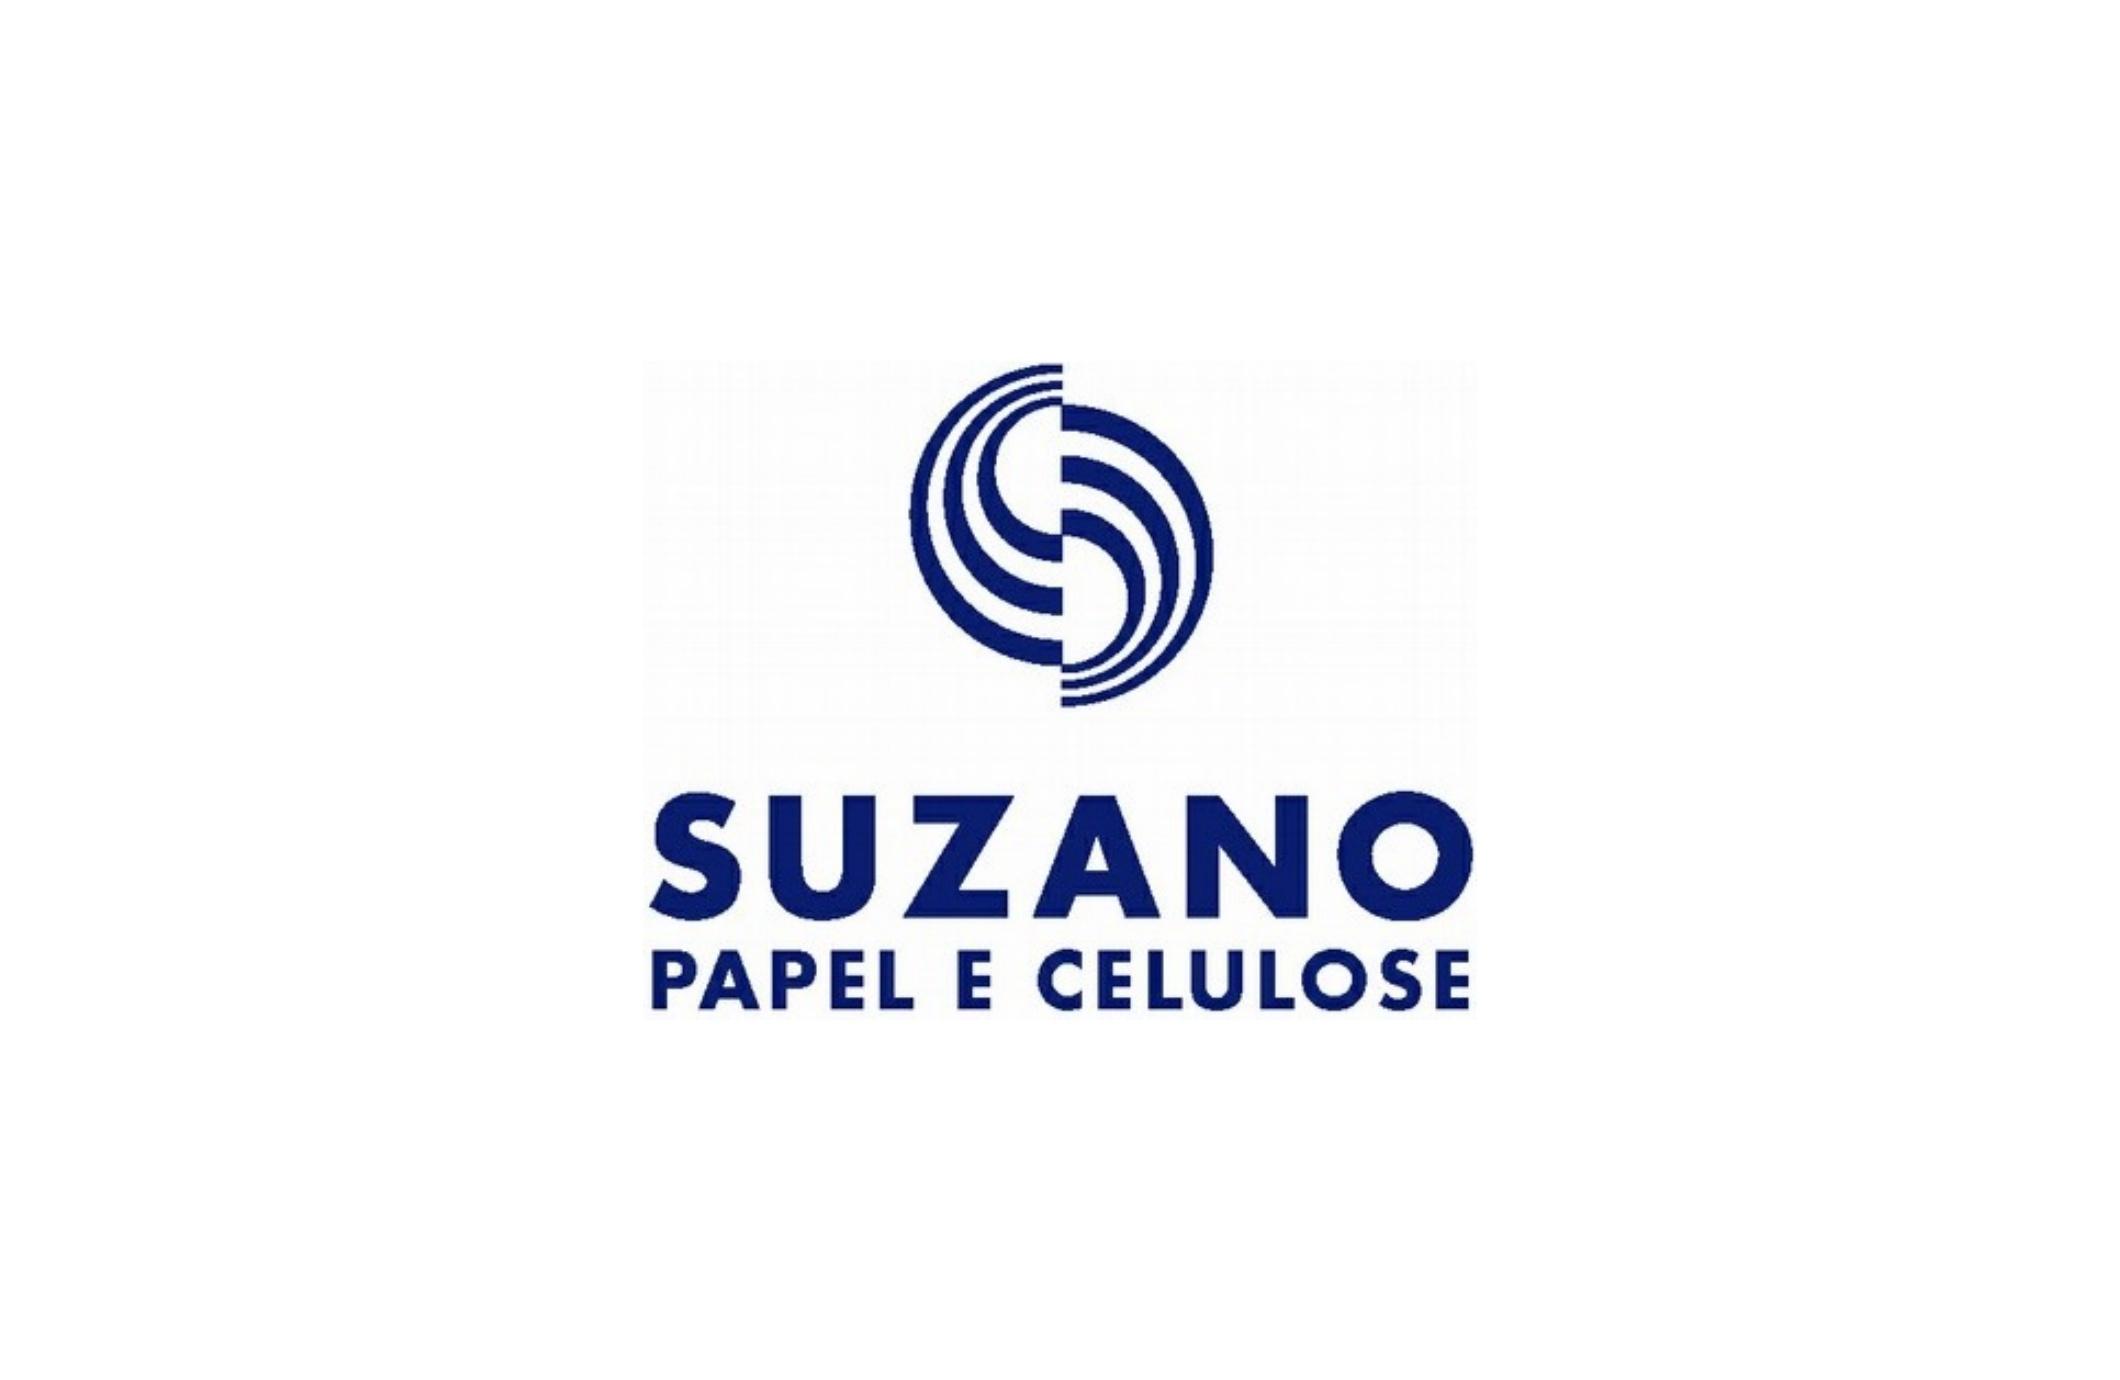 Suzano papel e celulose Telefone 0800